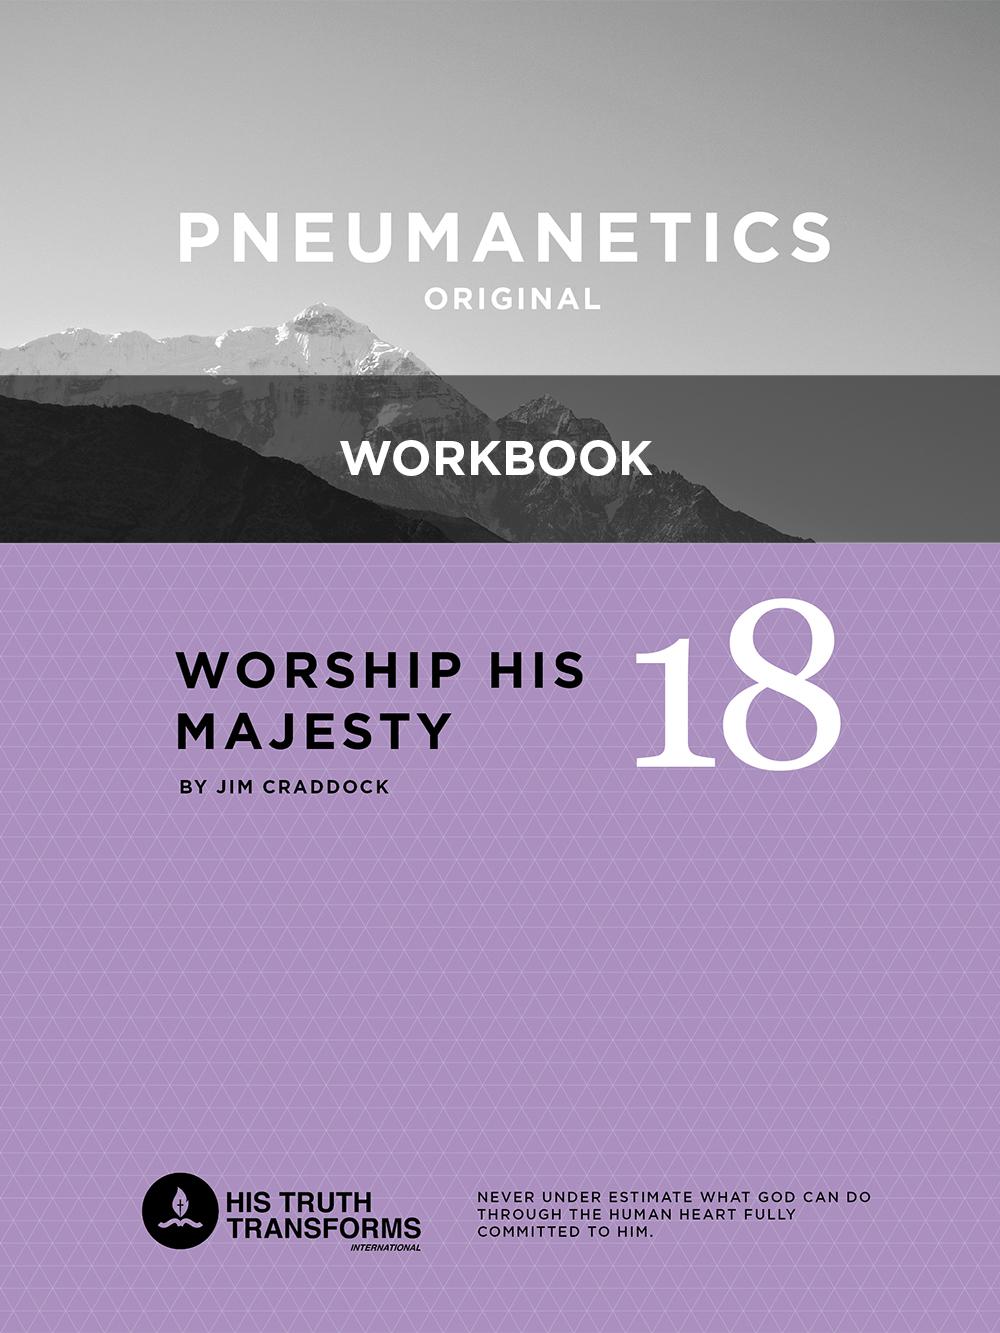 pneumanetics-18-workbook.jpg